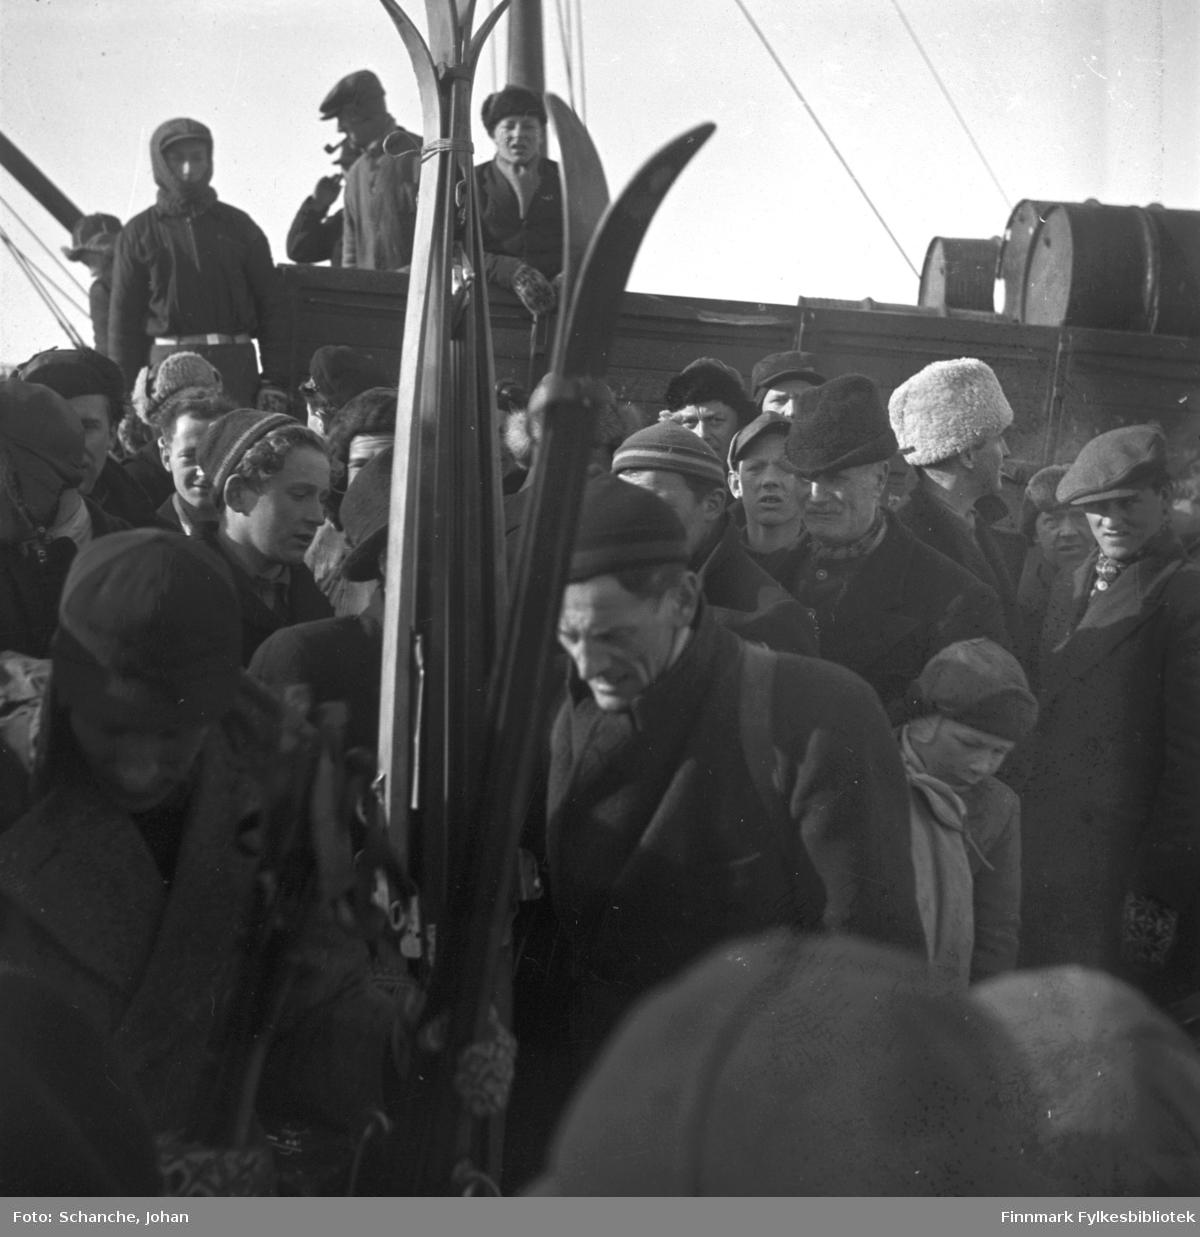 Fra kretsrennet i Vadsø 1946. Olav Odden ankommer Vadsø for å delta. Vi ser han midt på bildet, bak noen skipar. Det er flere på bildet. De er kledt i luer og skjerf.